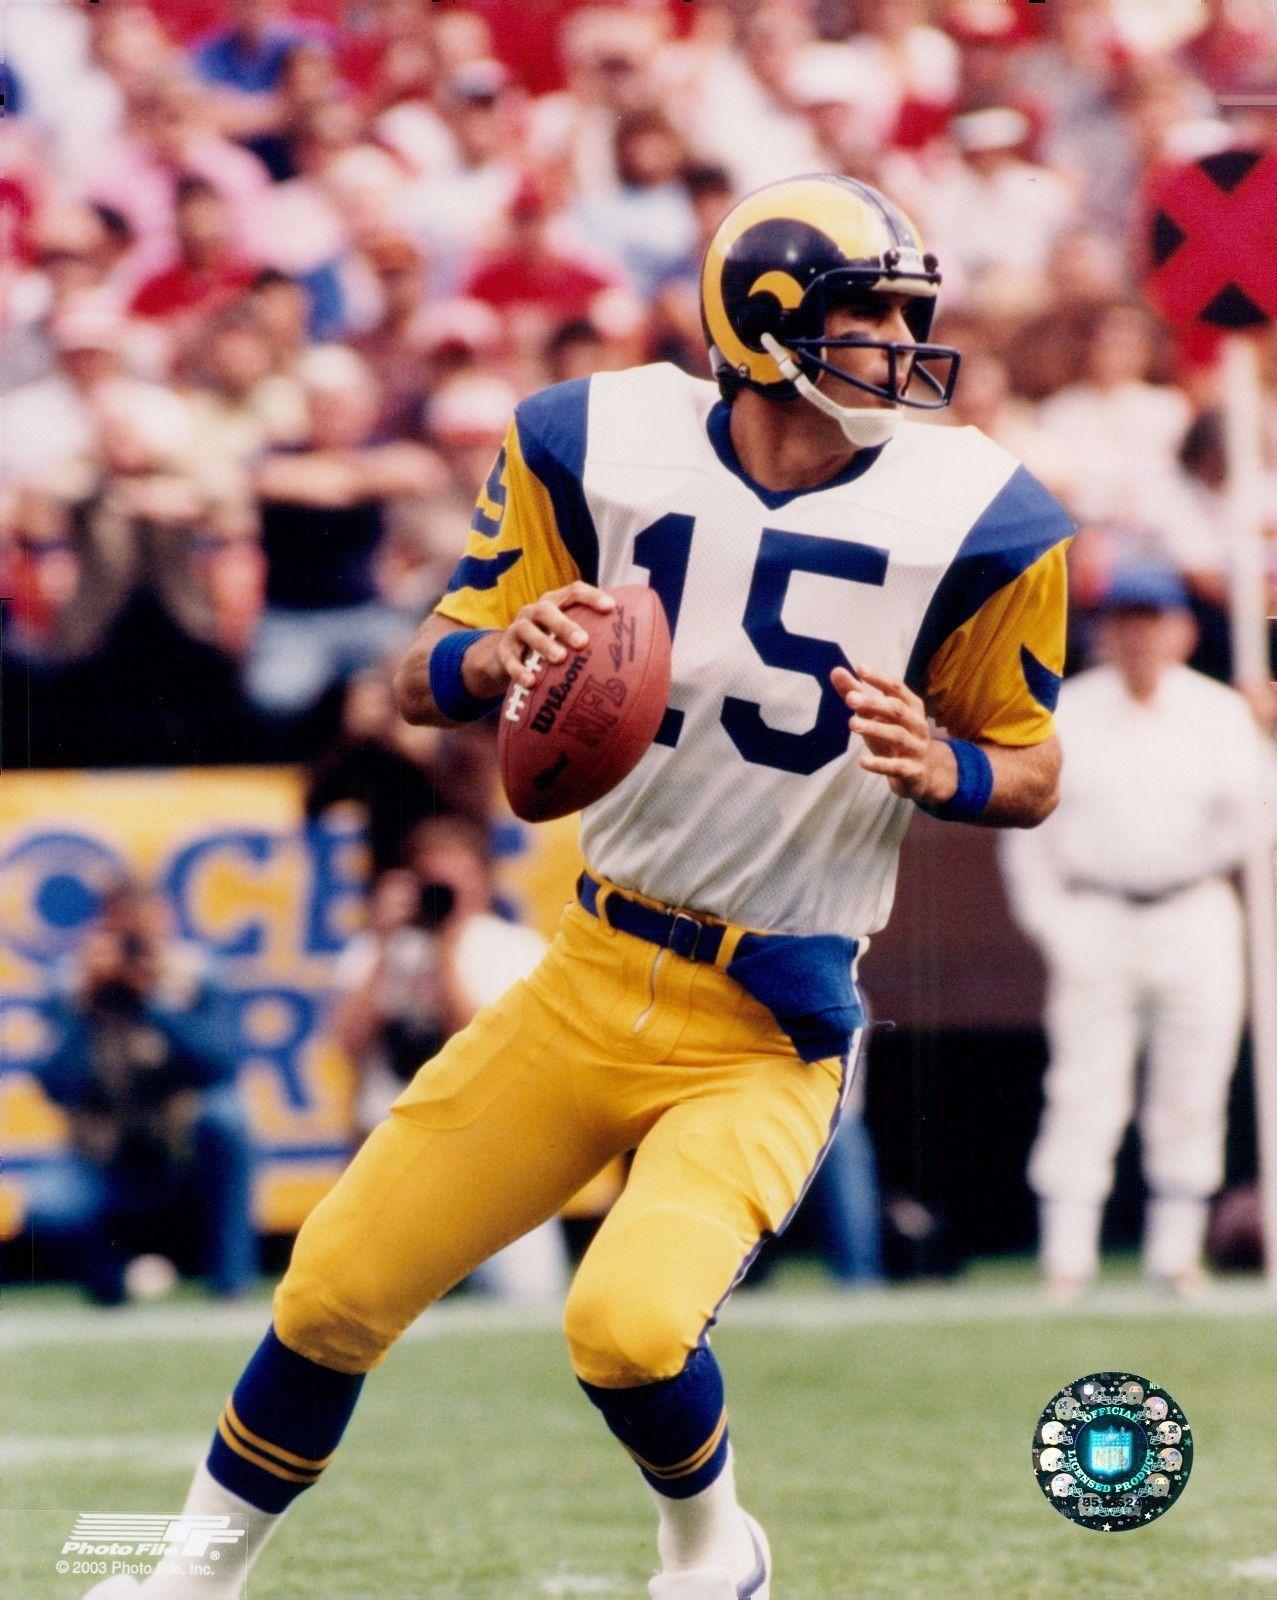 Details about Vince Ferragamo 15 Los Angeles Rams